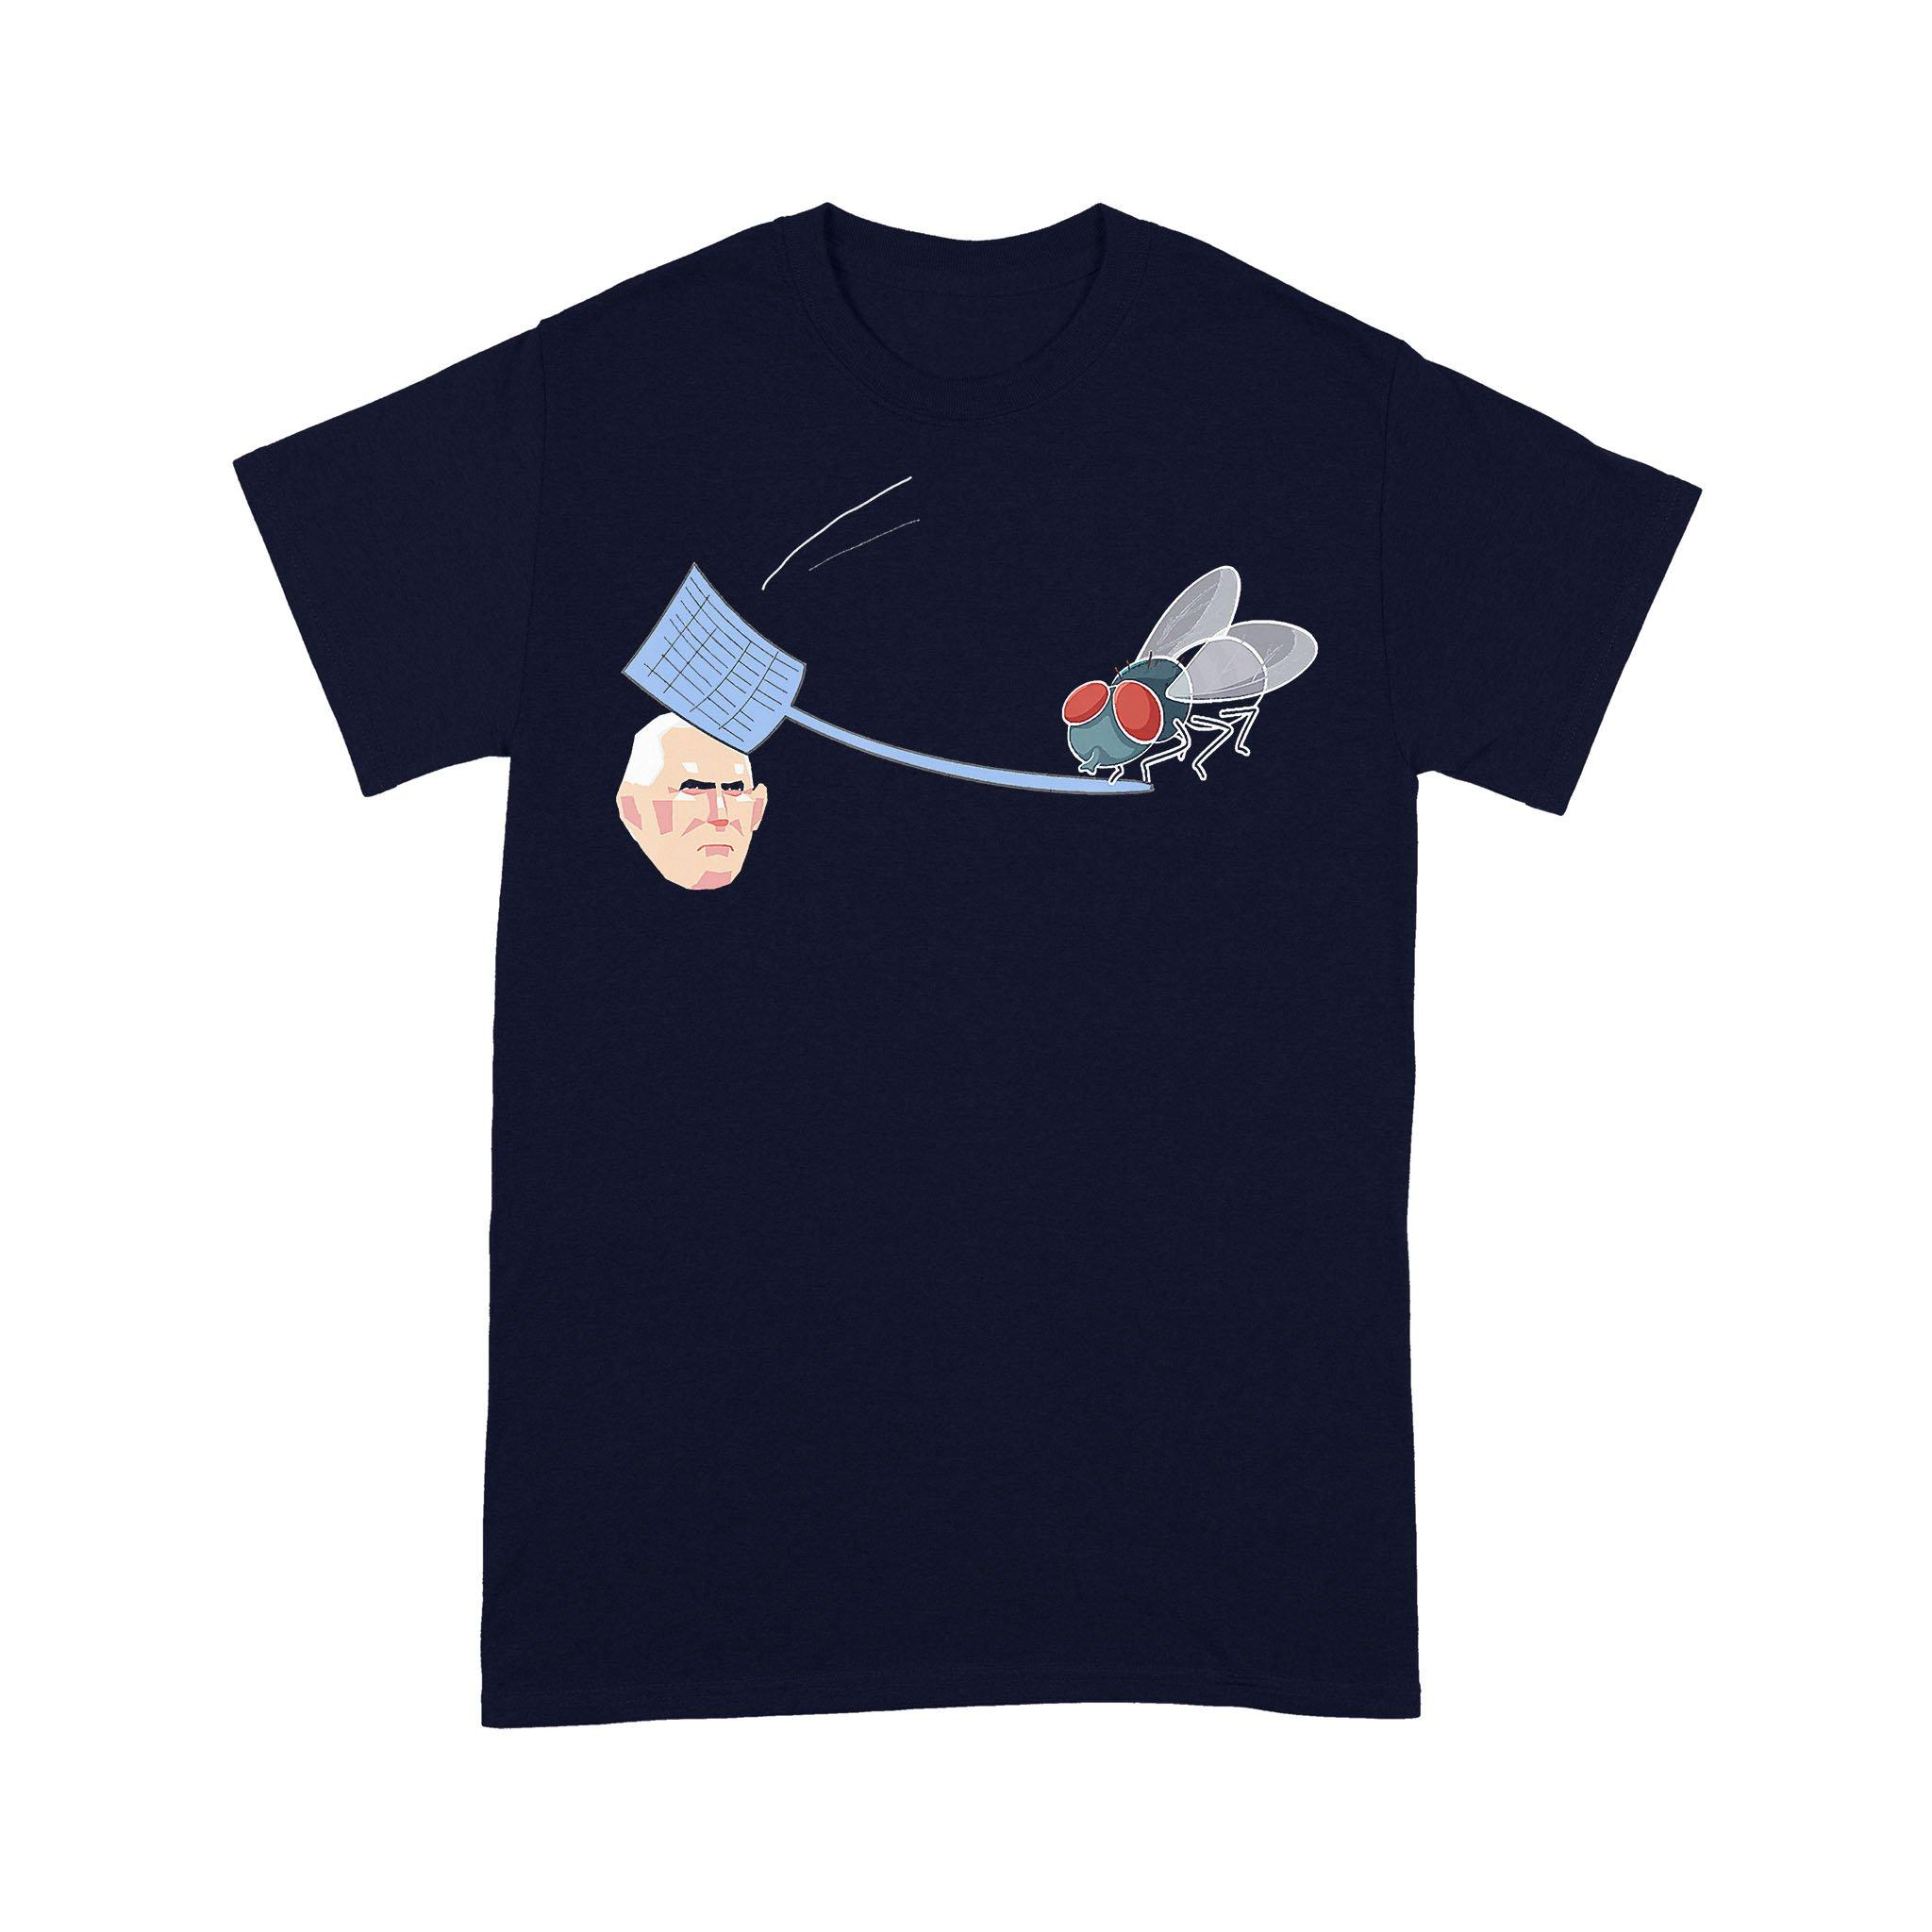 Fly Hits Pence White Swatter Biden Harris Debate T-shirt